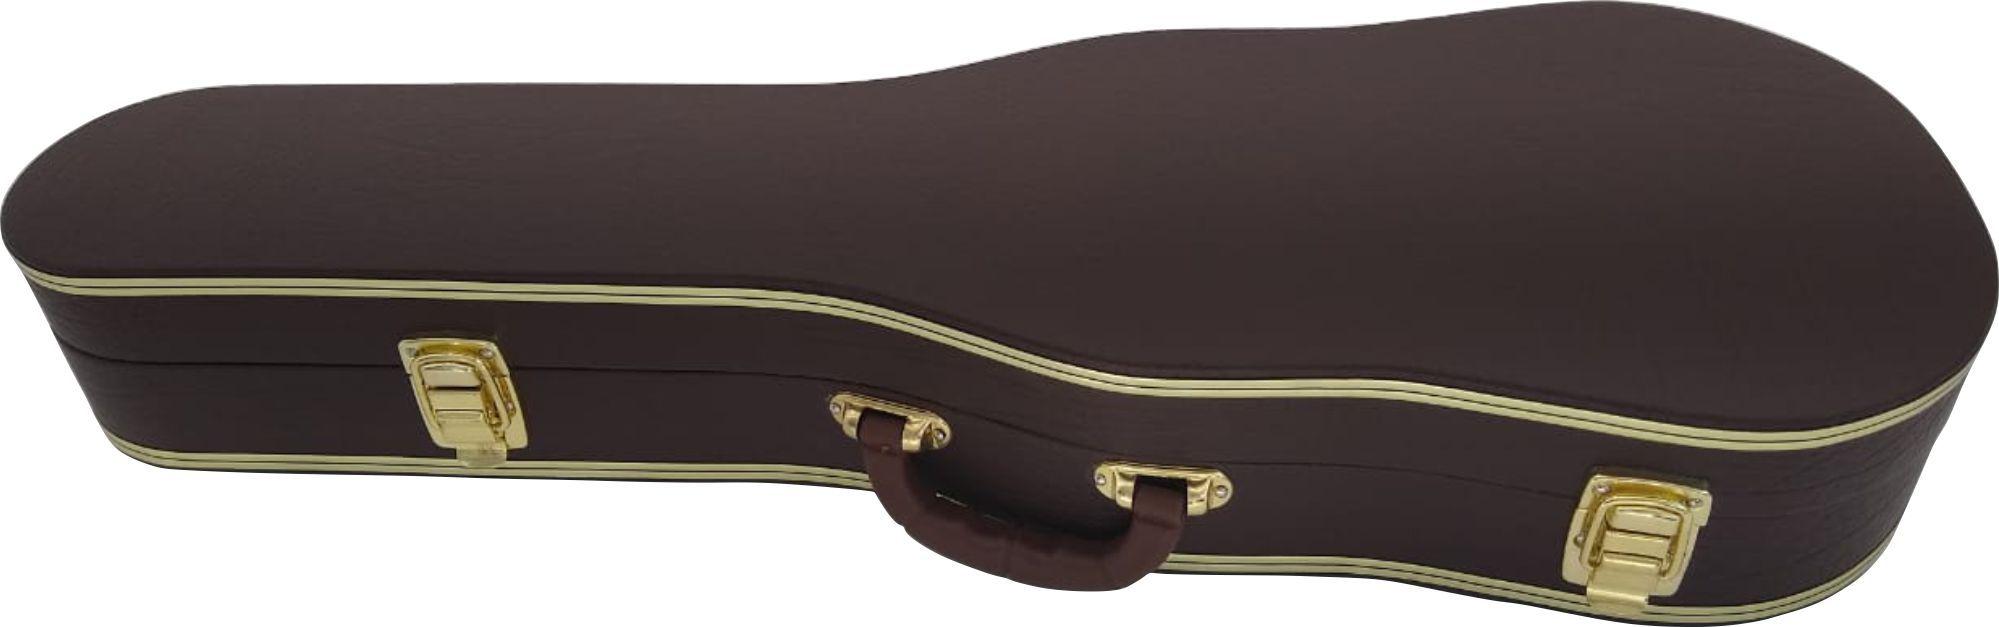 Estojo Case Para Violino 4/4 Extra Luxo Couro Sintético